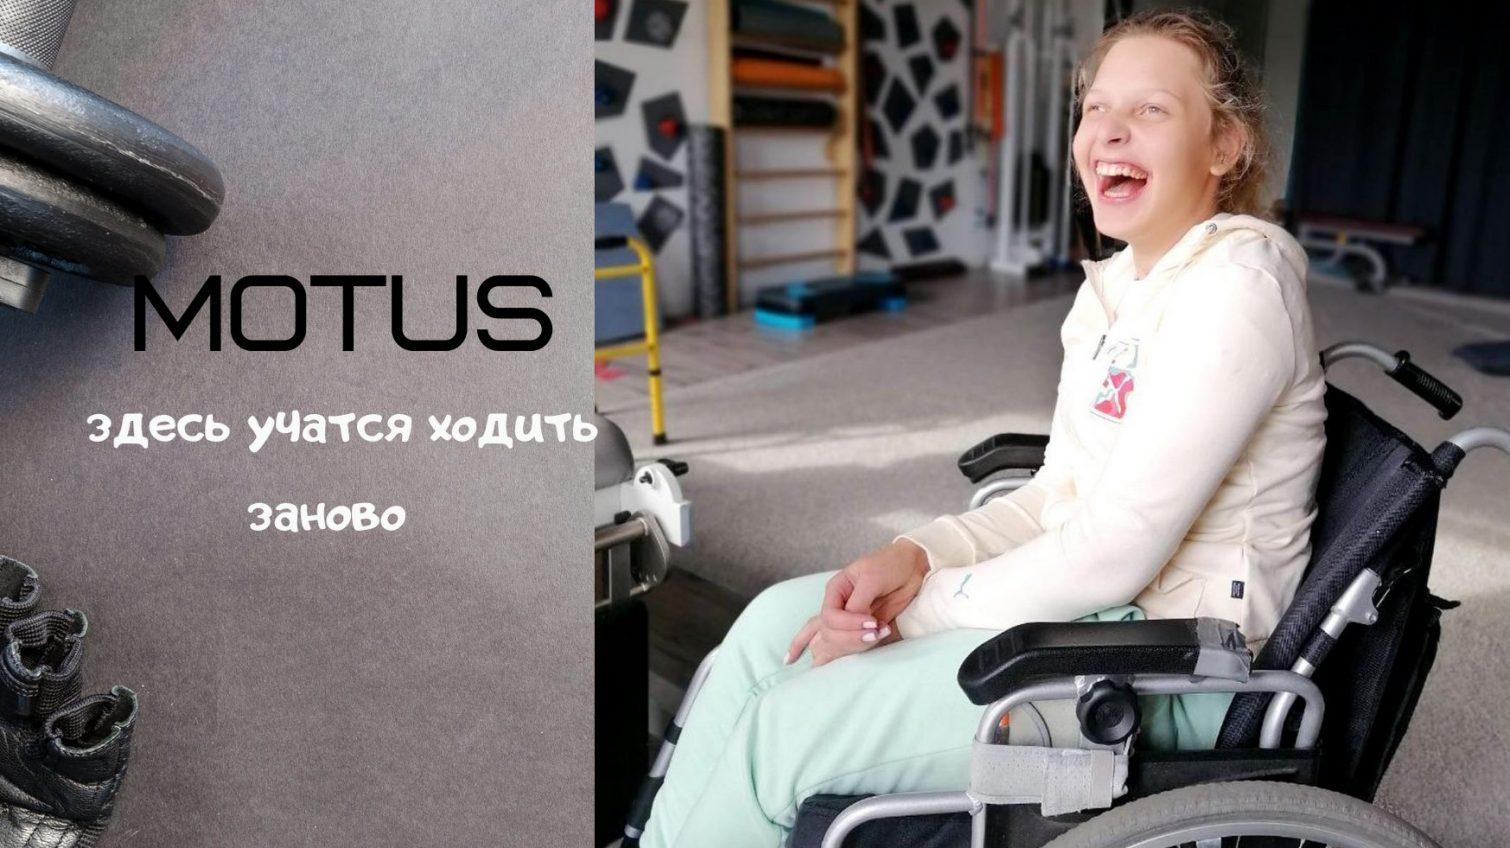 Одессит создал зал, в котором тяжелобольные заново учатся ходить (фото, видео) «фото»